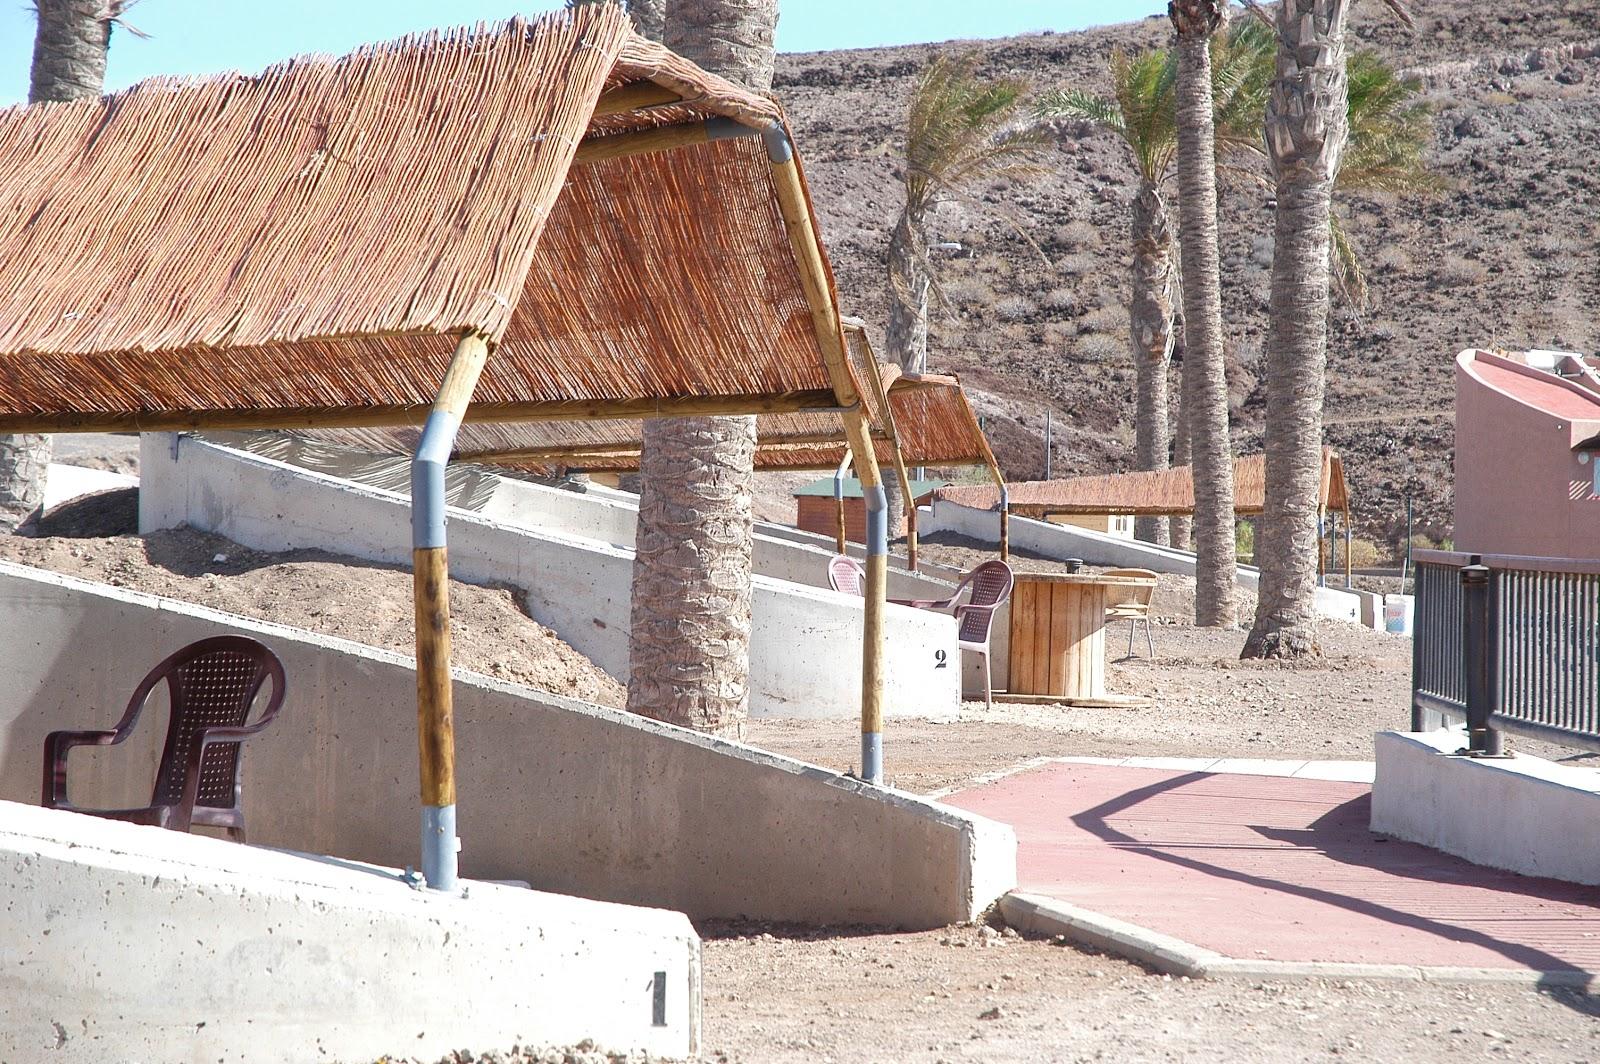 http://campingplayadevargas.blogspot.com.es/2012/02/espacios-para-poner-las-tiendas.html